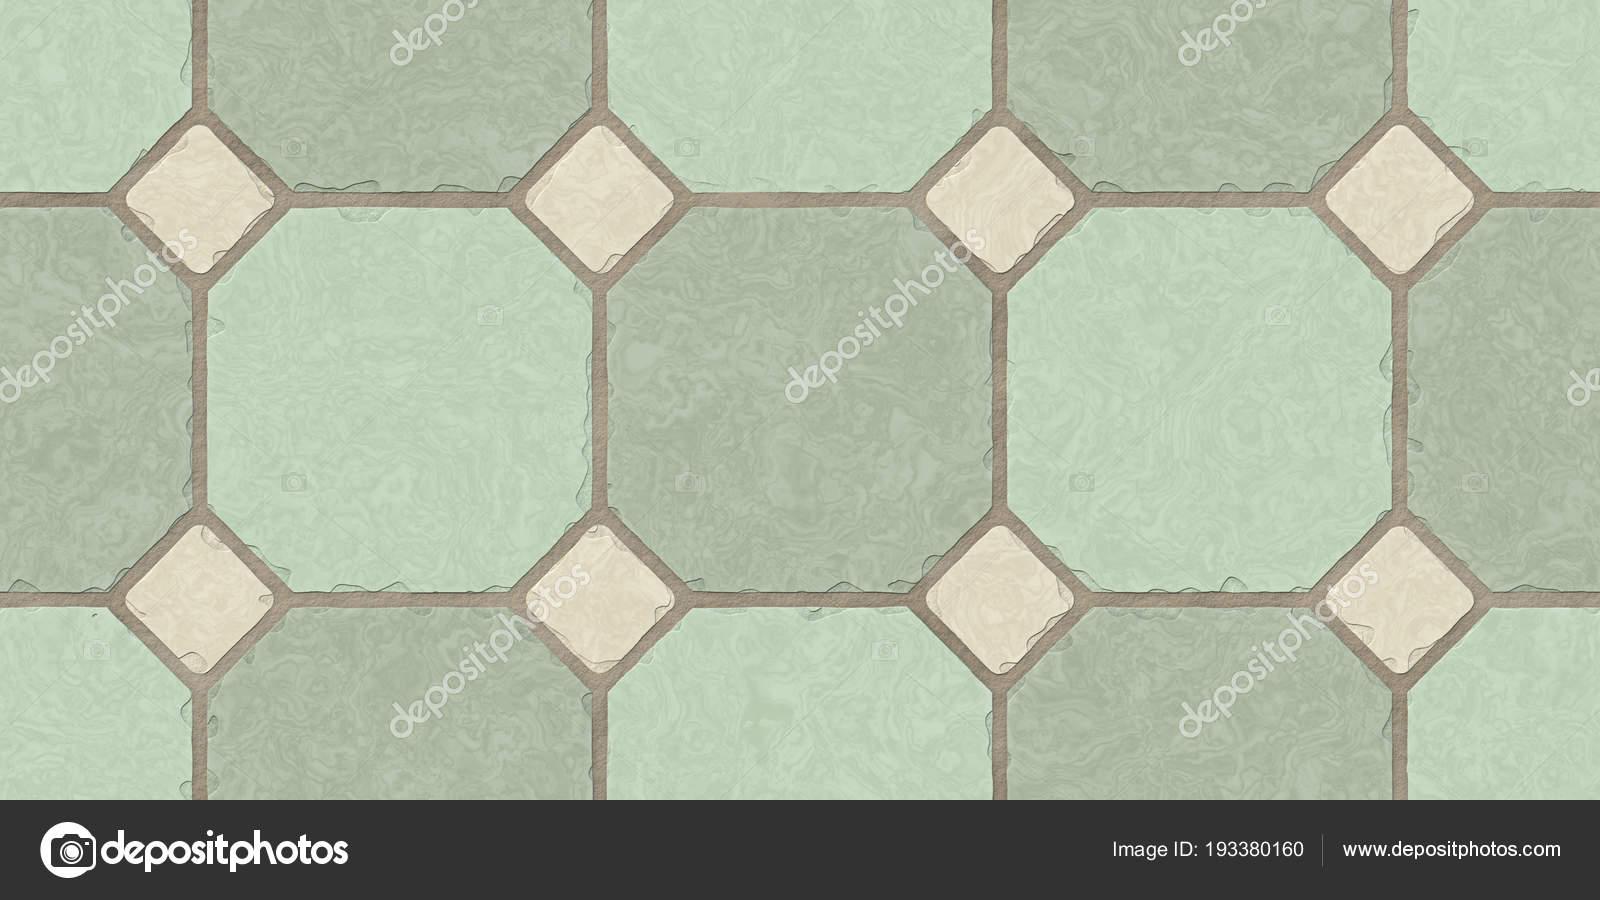 Bathroom Floor Tile Texture Seamless Pistachio Beige